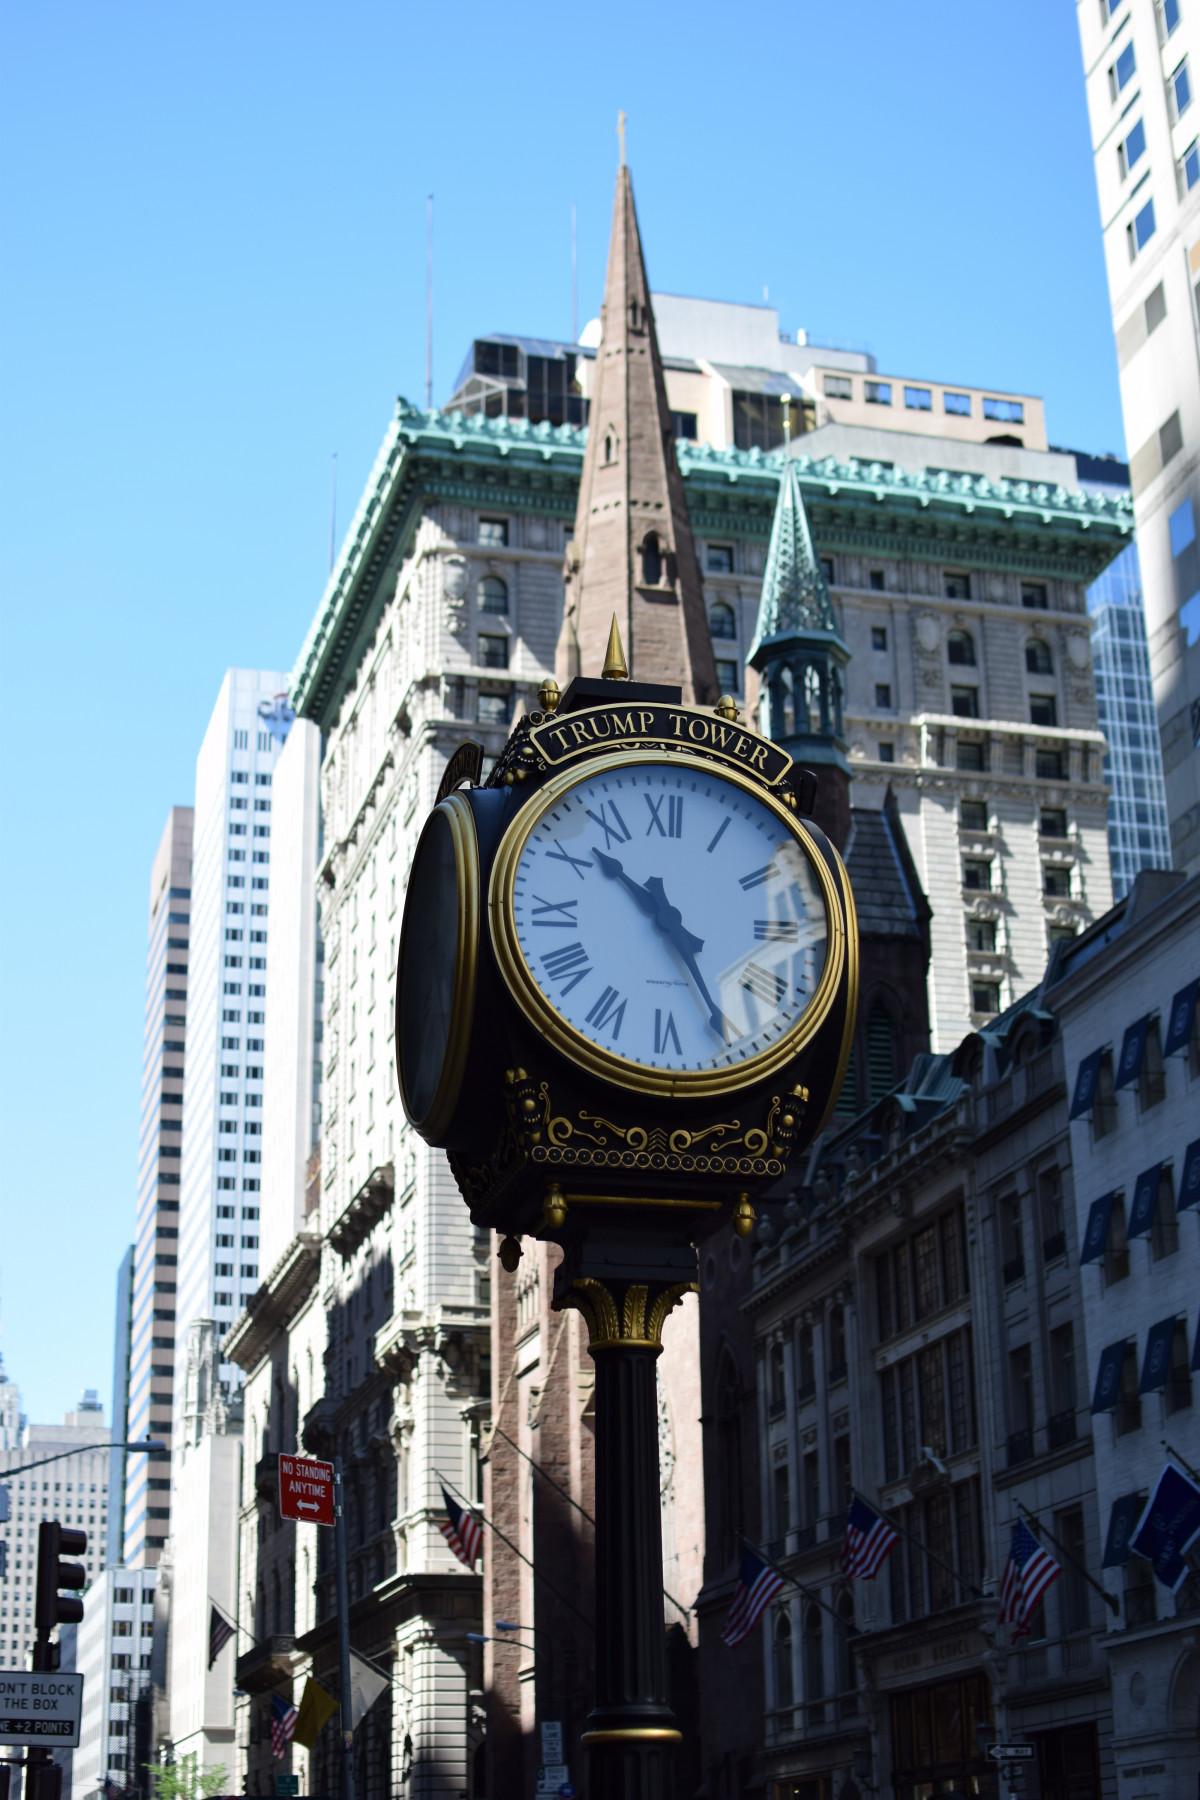 себя картинки городские часы породу часто сравнивают